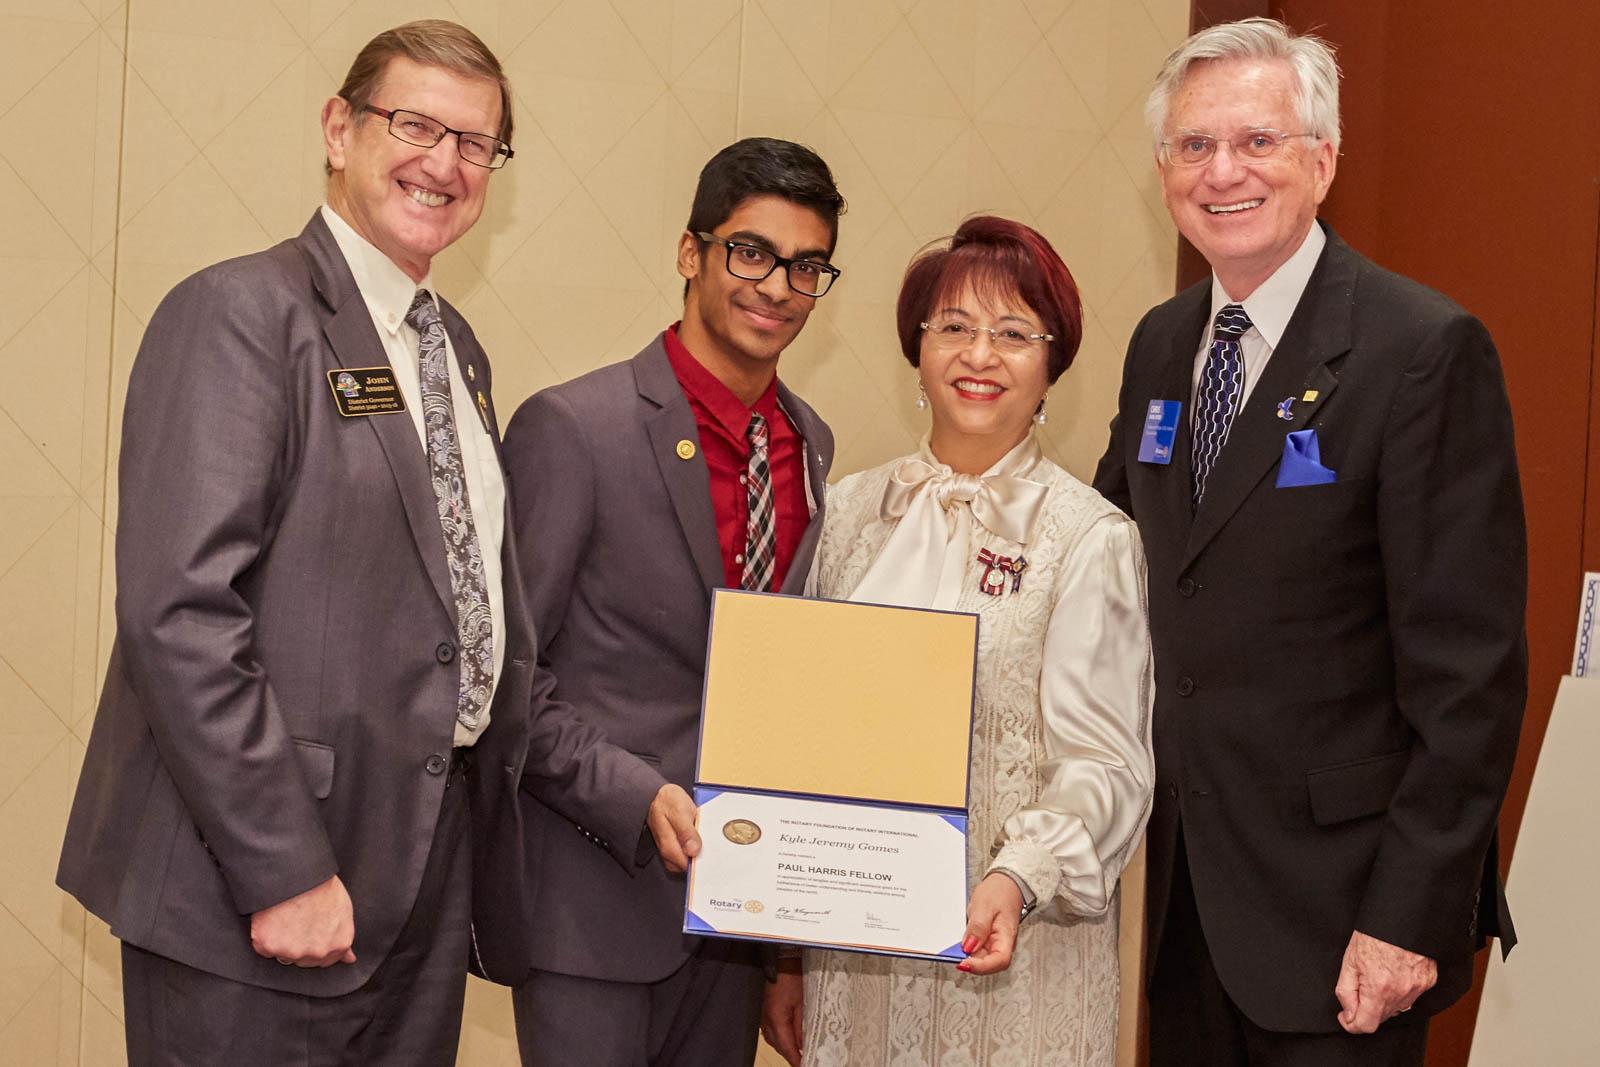 Paul Harris Fellowship Award